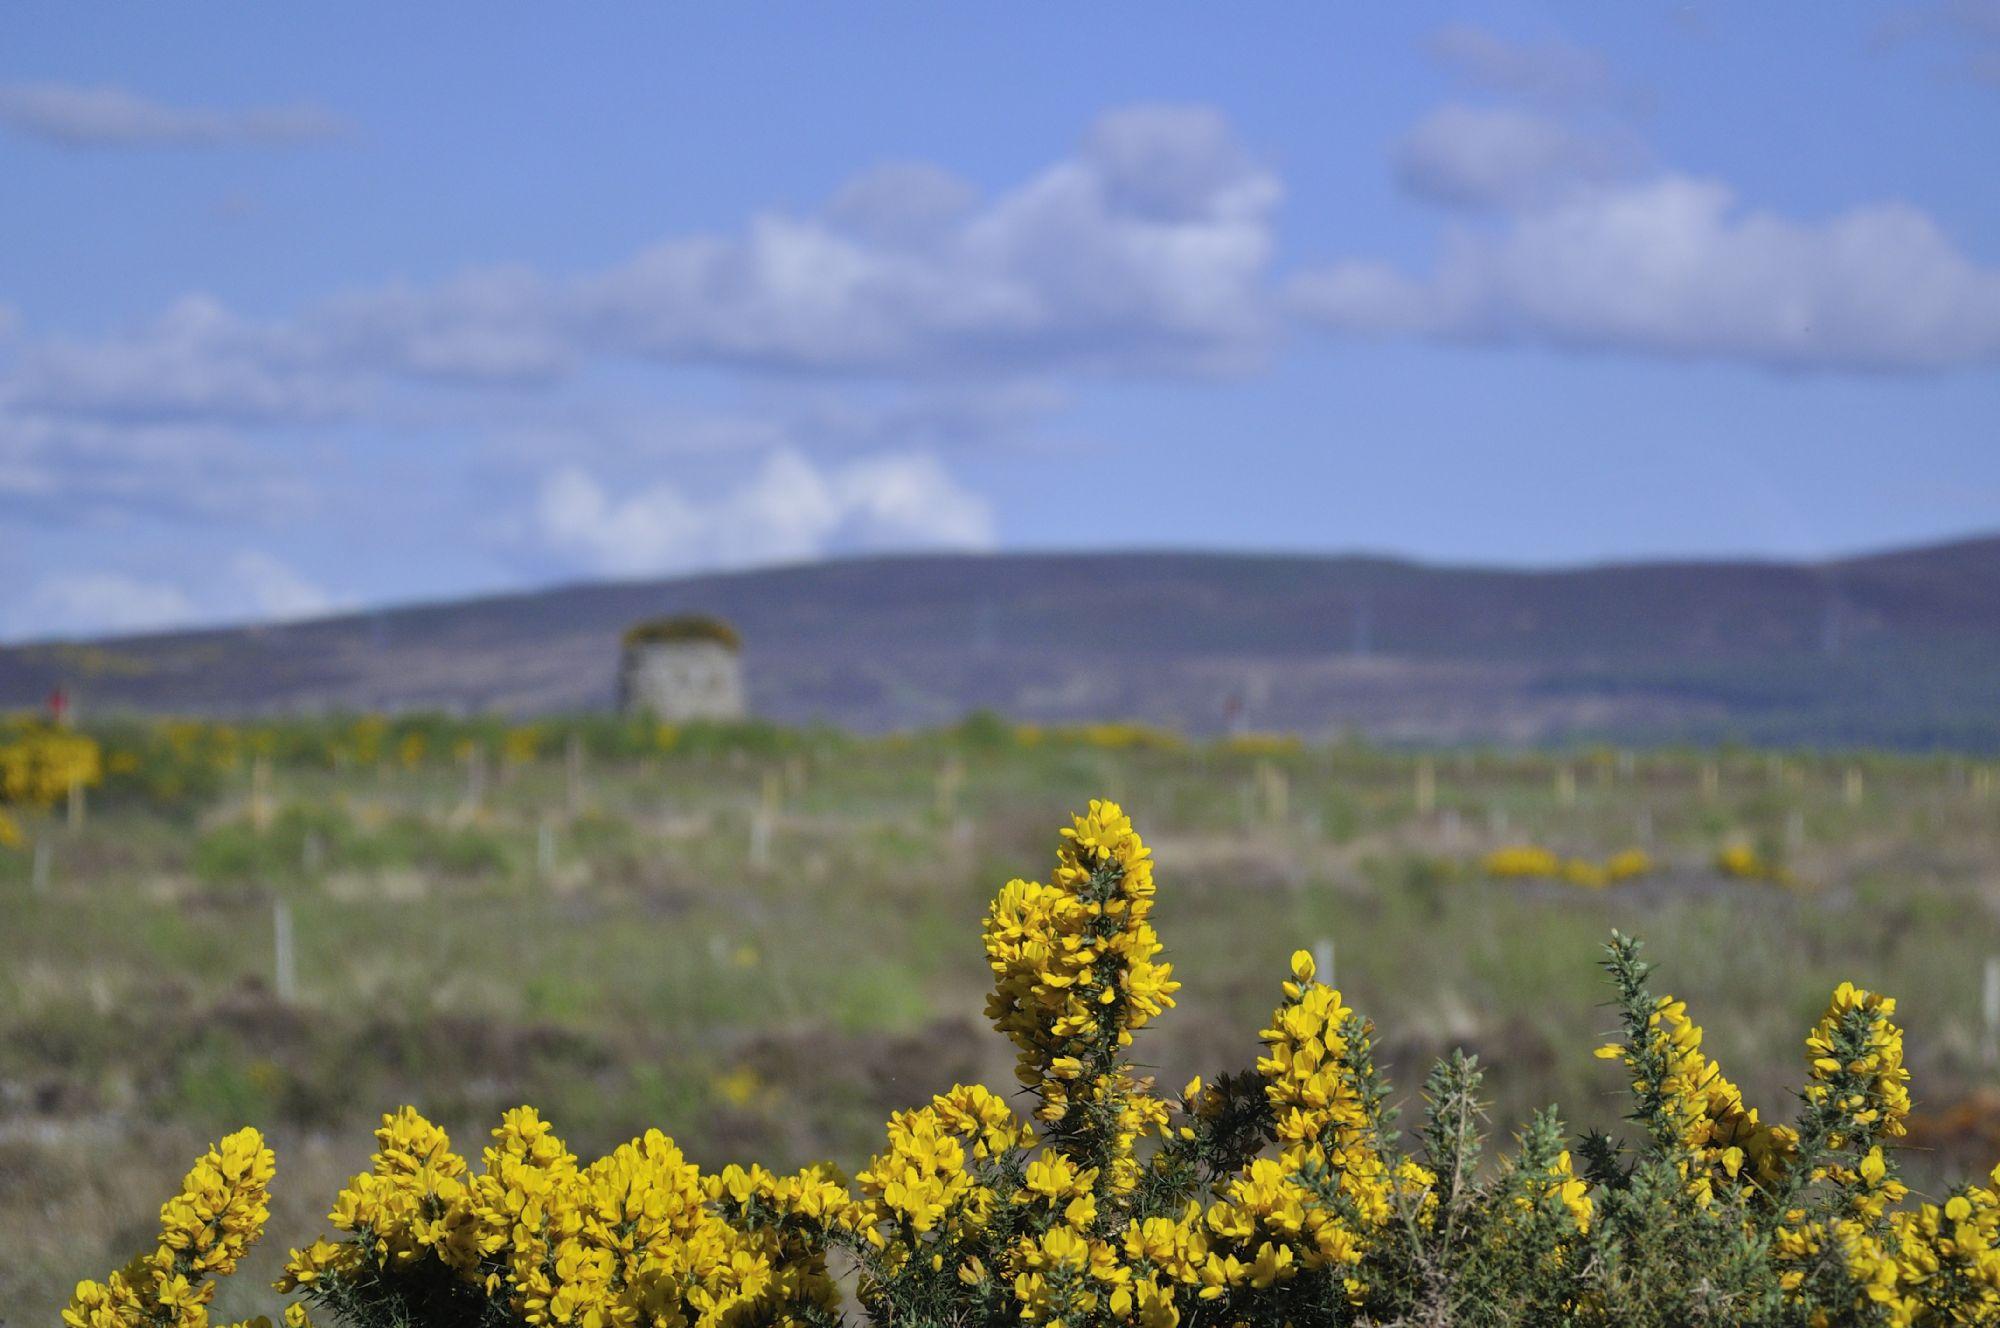 Farm near Inverness